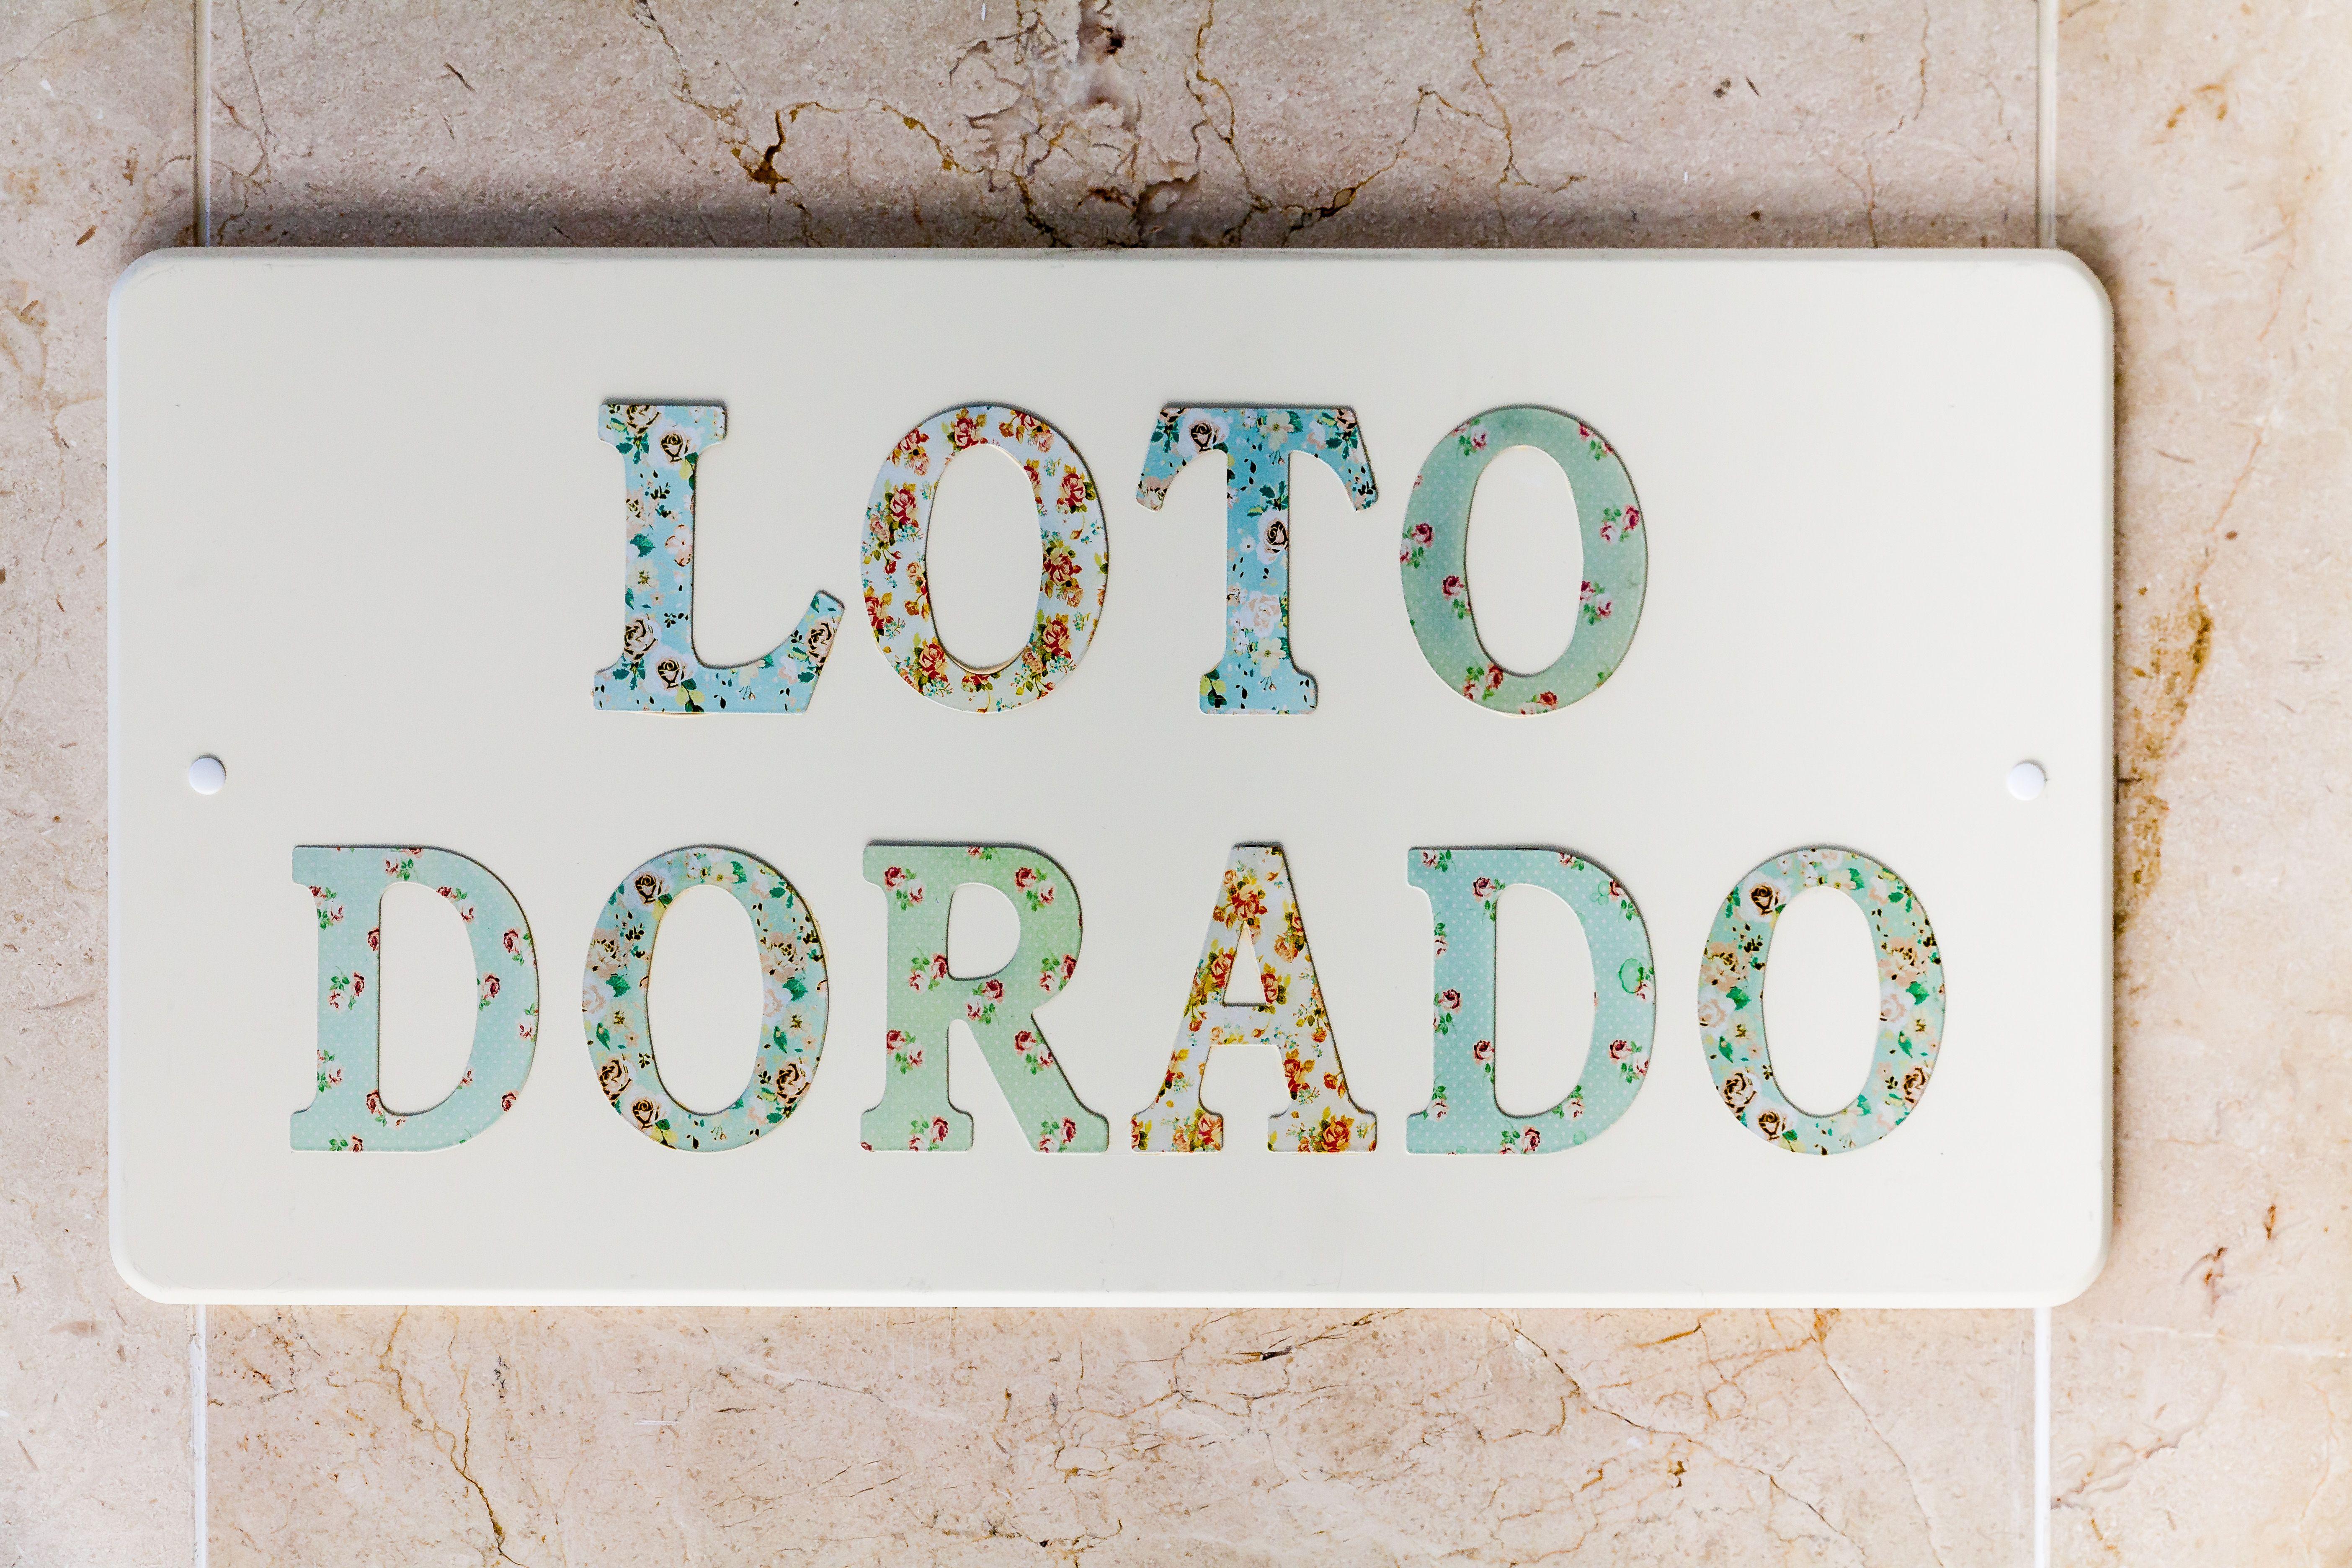 Foto 2 de Herbolarios y dietética en Adeje | Herbolario Loto Dorado